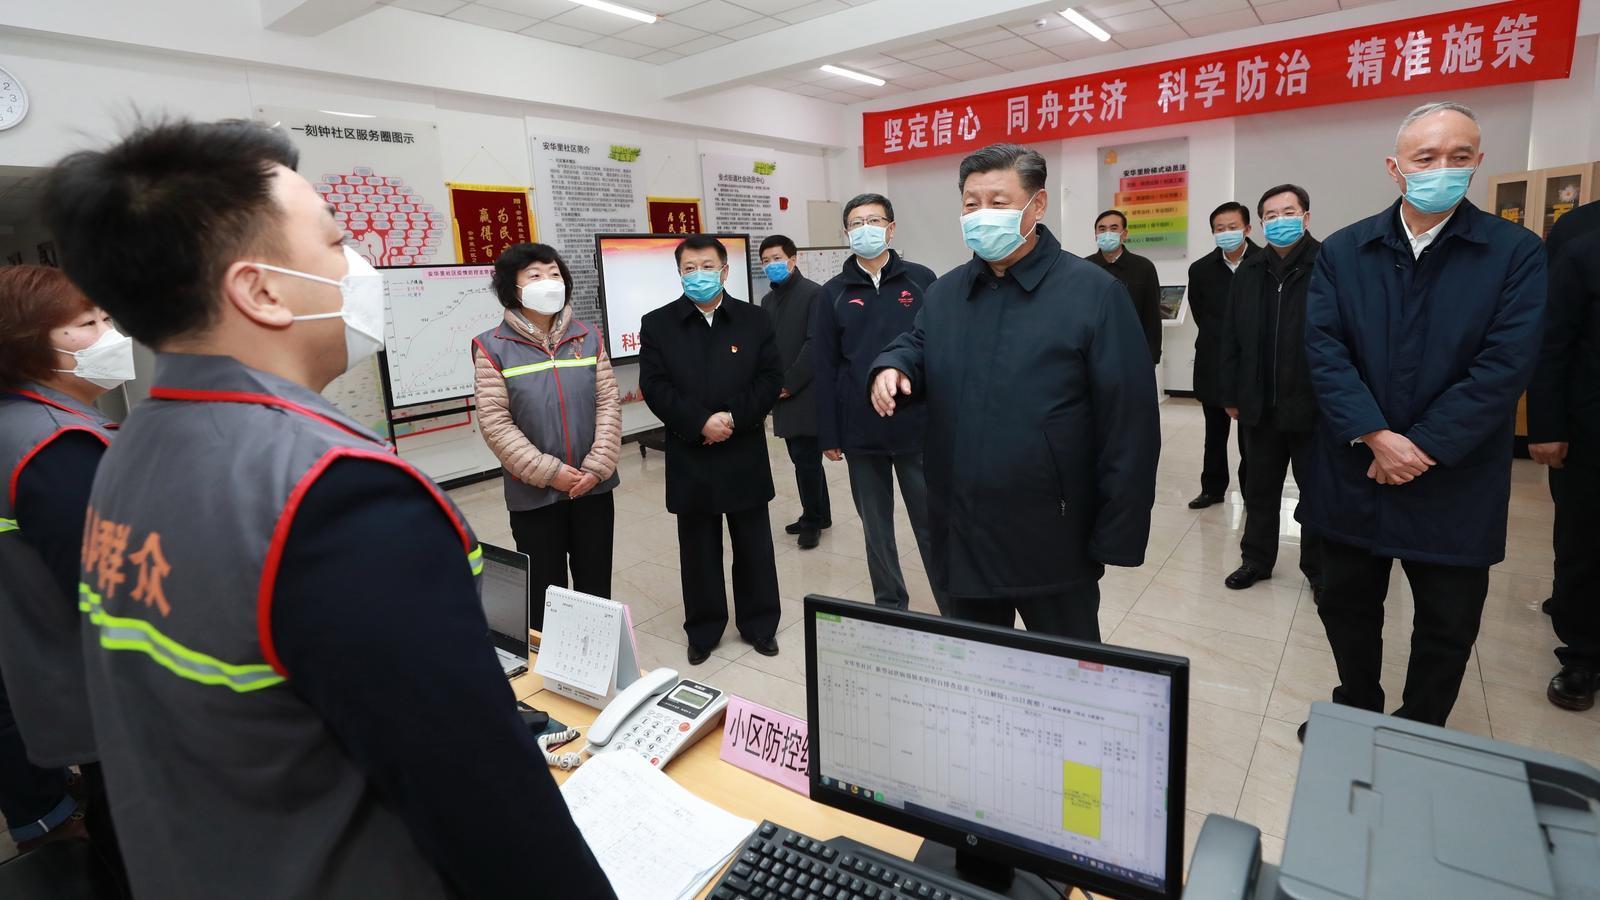 Xi Jinping, envoltat de dirigents del Partit Comunista degudament protegits, visitant un centre d'investigació per informar-se sobre el brot, el passat 10 de febrer a Pequín